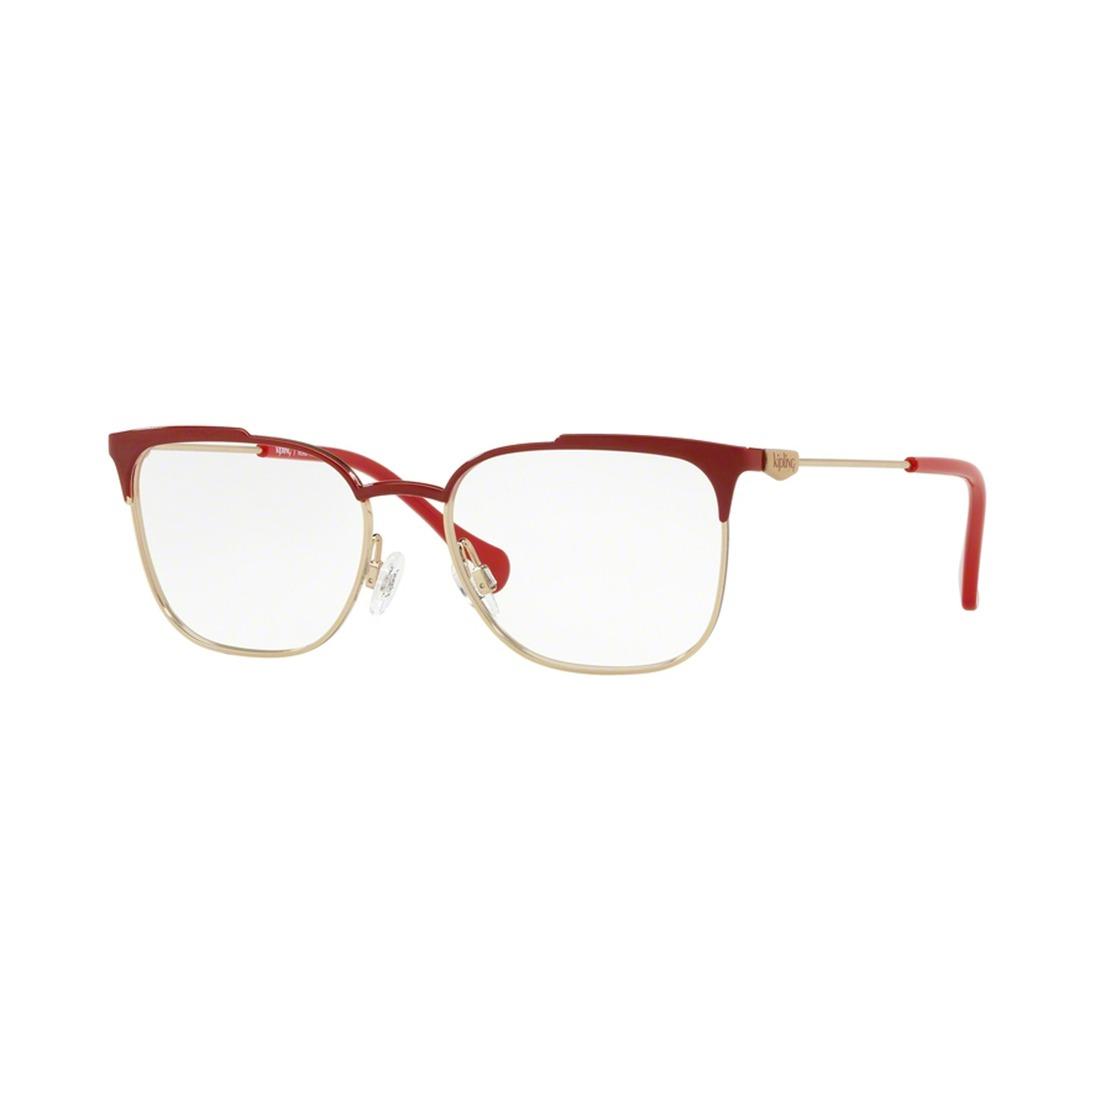 39ae34634 Kipling Kp 1109 Óculos De Grau - R$ 276,62 em Mercado Livre